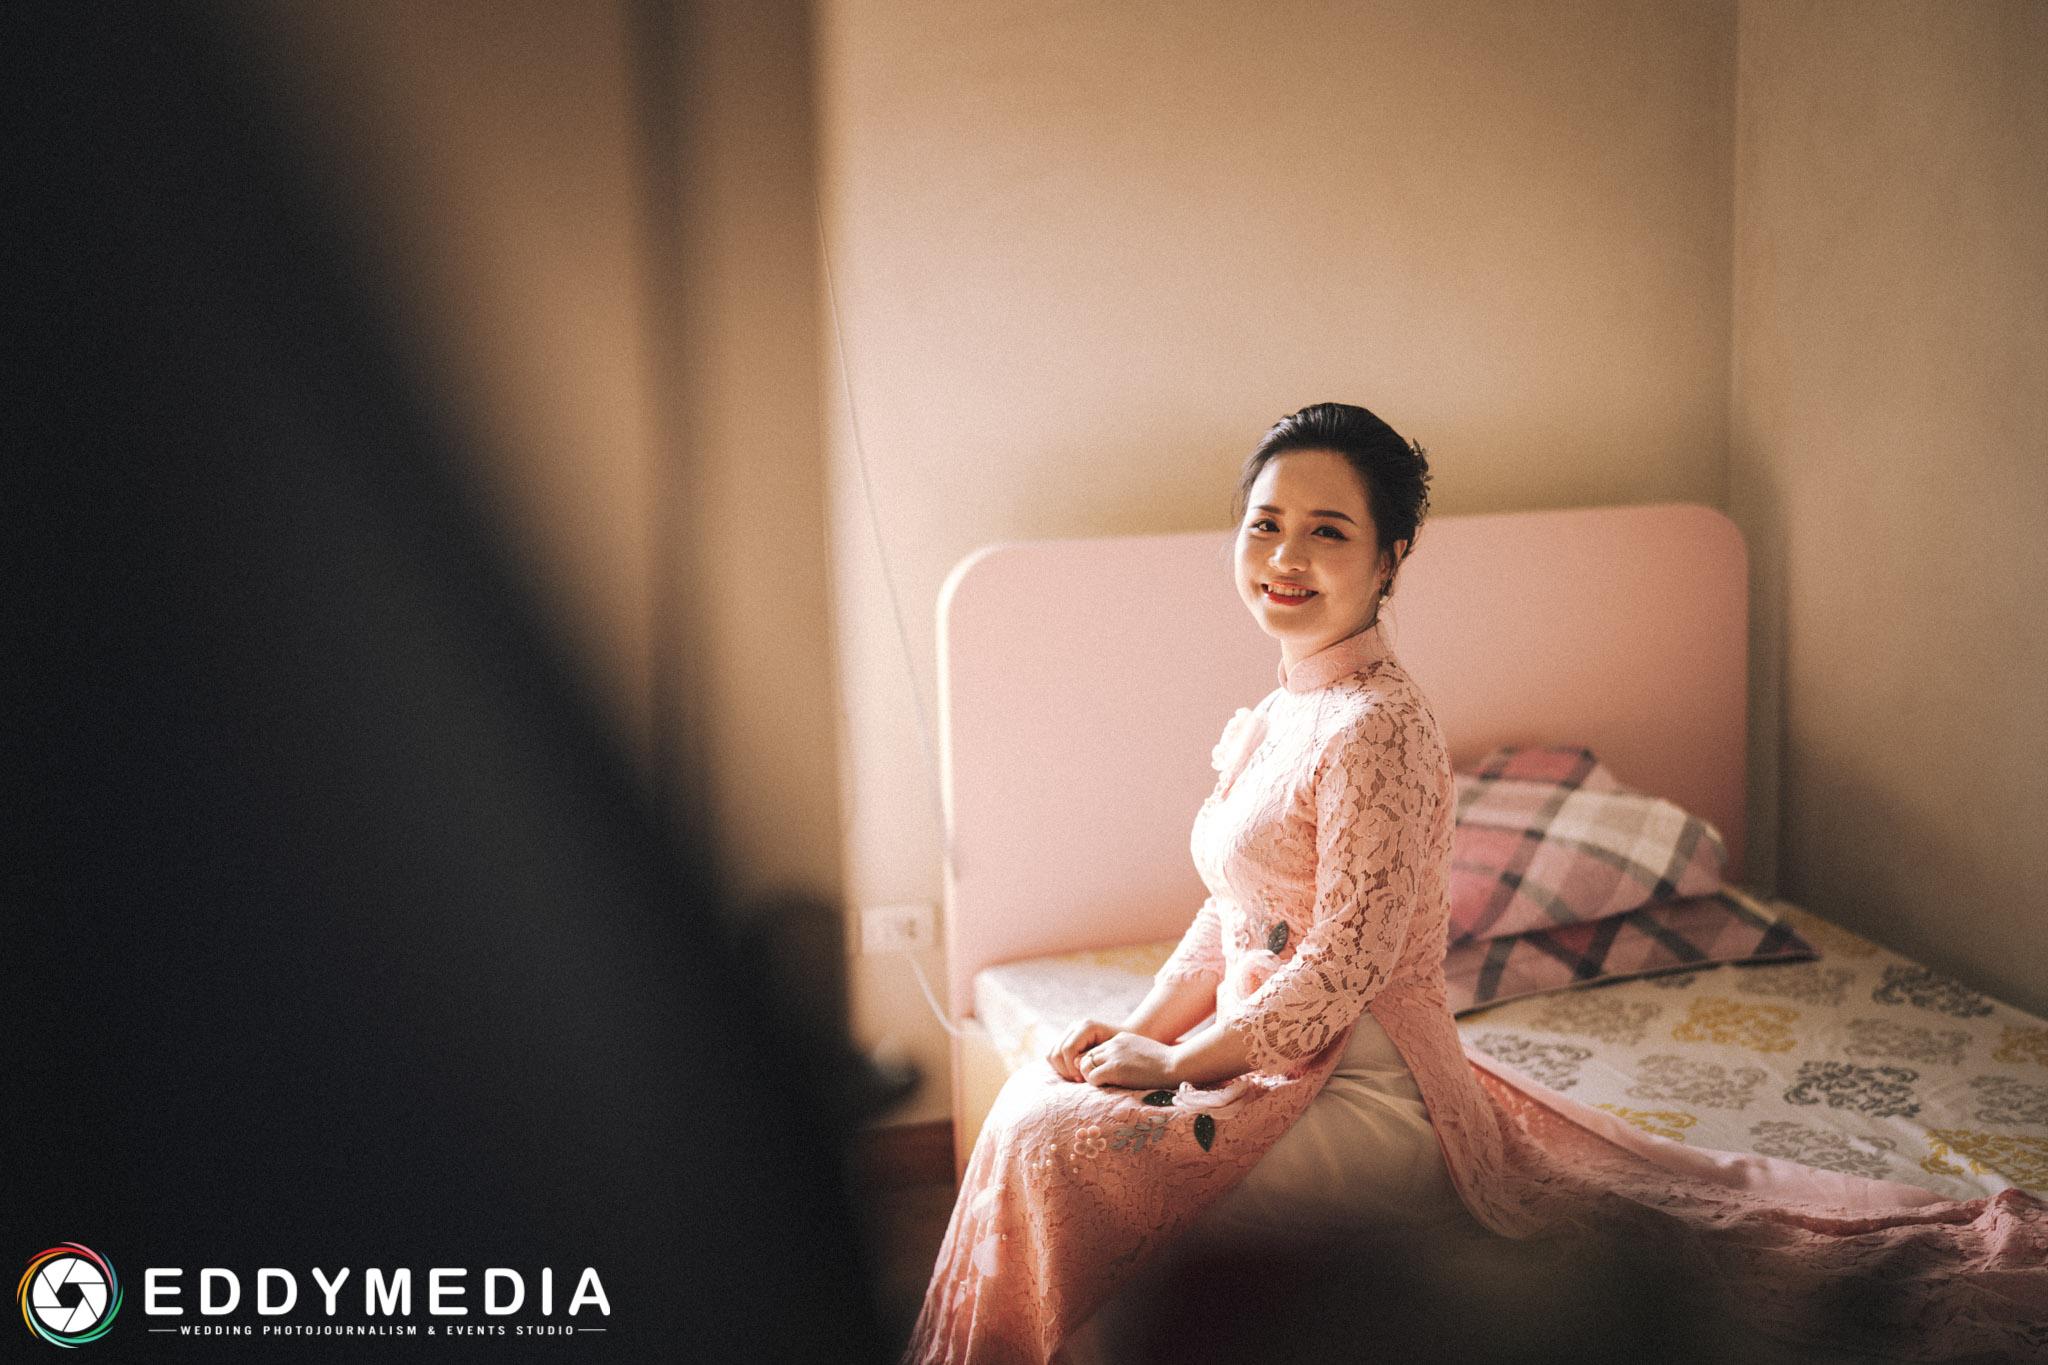 Phongsucuoi Melia Yenson Thule EddyMedia 56 giá chụp ảnh đám cưới,giá chụp ảnh tiệc cưới,thuê chụp ảnh ngày cưới